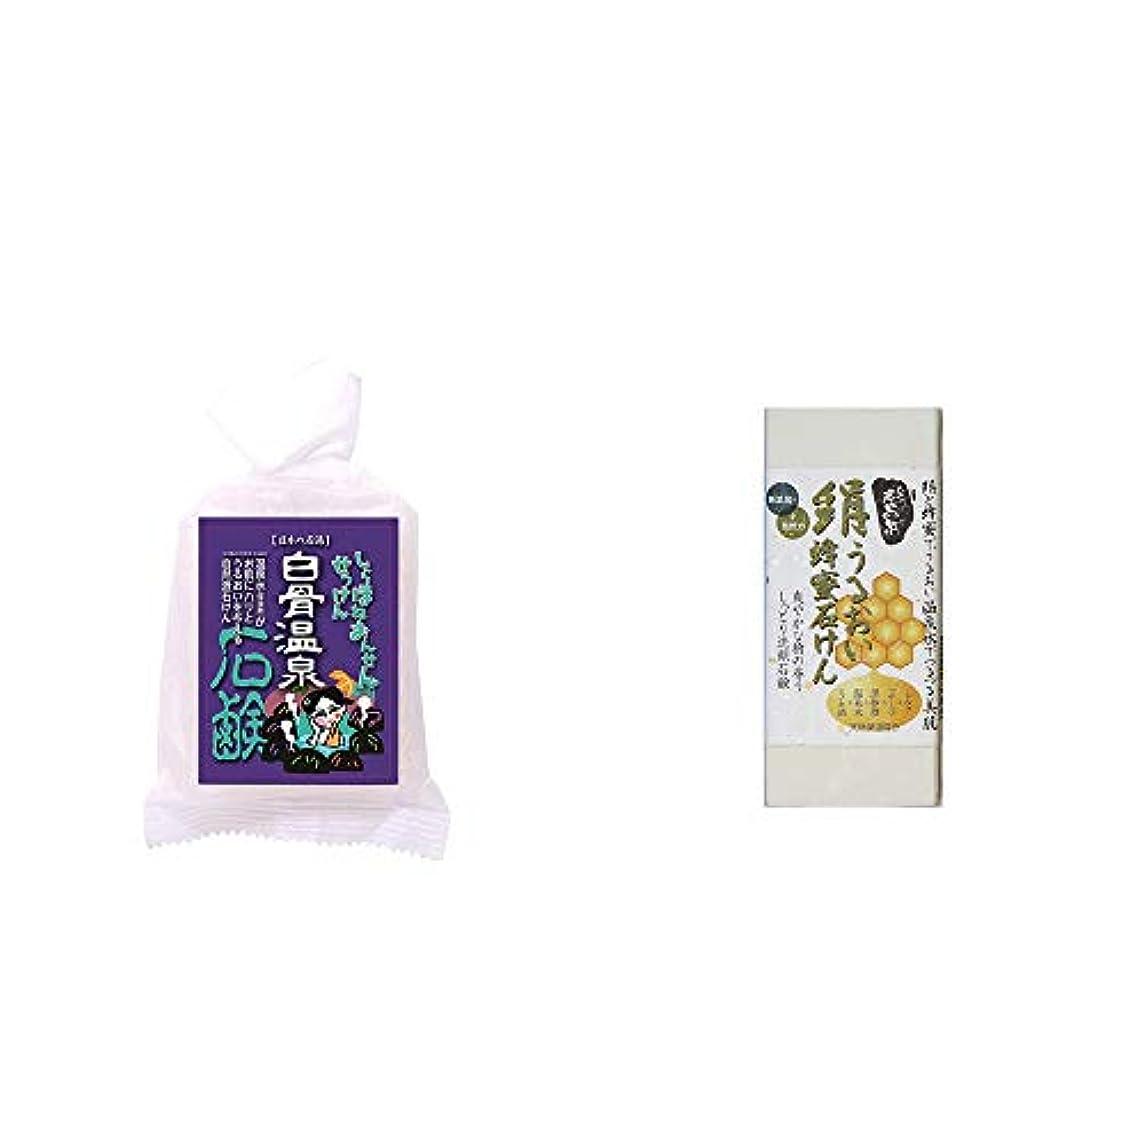 追う養うマンハッタン[2点セット] 信州 白骨温泉石鹸(80g)?ひのき炭黒泉 絹うるおい蜂蜜石けん(75g×2)